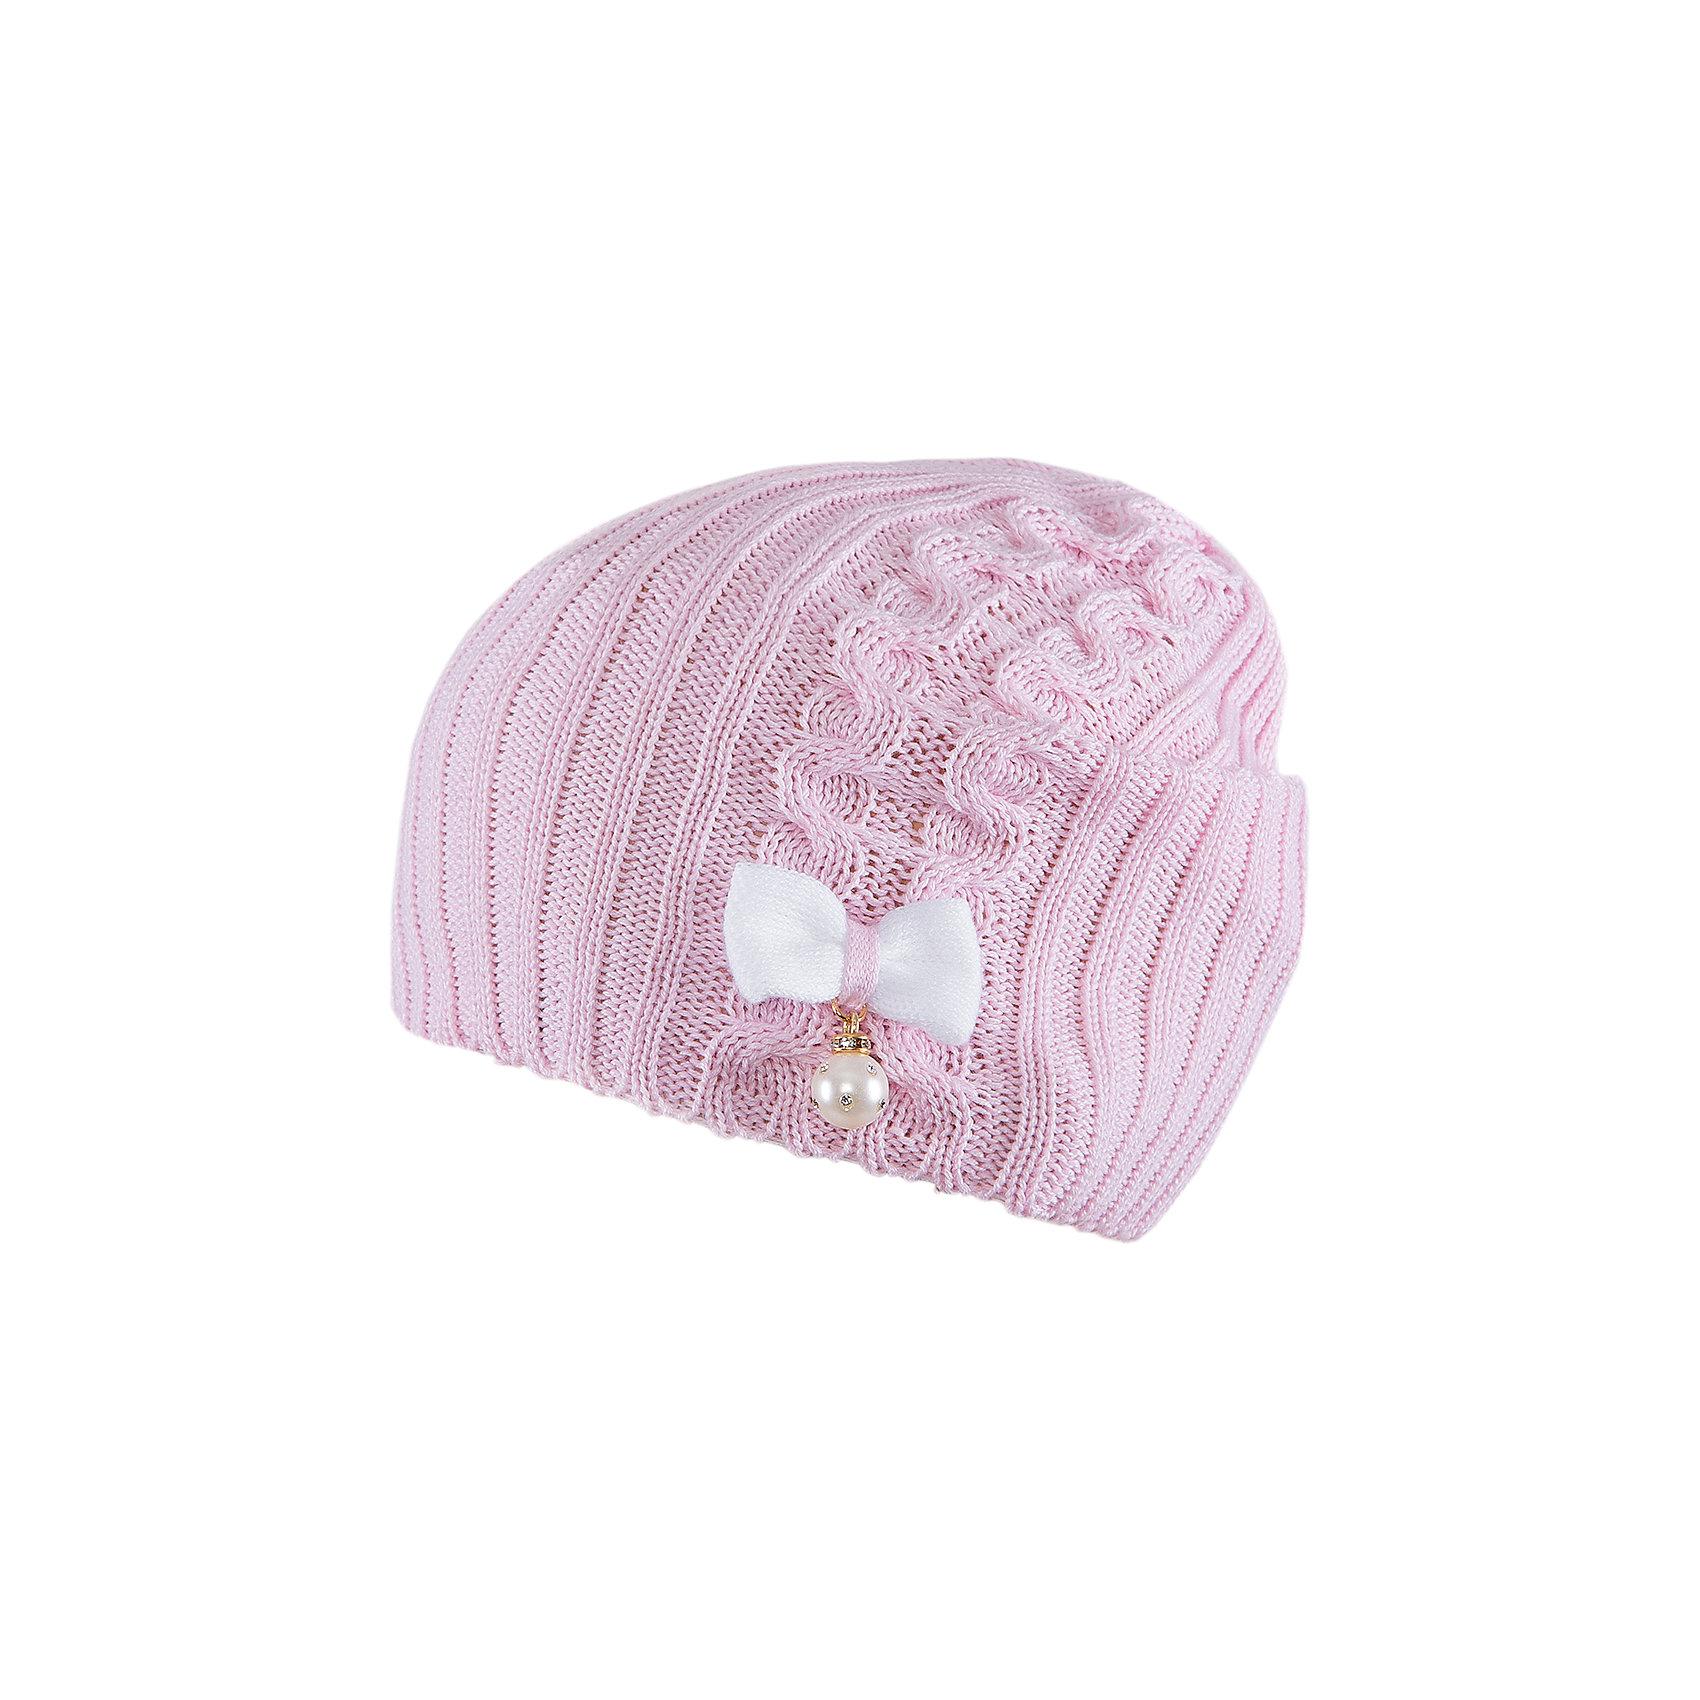 Шапка для девочки АртельШапка для девочки от торговой марки Артель <br><br>Модная шапка отлично смотрится на детях и комфортно сидит. Эта модель создана специально для девочек. Изделие выполнено из качественных материалов. Смешанный состав пряжи обеспечит износостойкость и удобство. Отличный вариант для переменной погоды межсезонья! <br>Одежда от бренда Артель – это высокое качество по приемлемой цене и всегда продуманный дизайн. <br><br>Особенности модели: <br>- цвет - розовый; <br>- украшена бантом и «жемчужиной», фактурной вязкой; <br>- пряжа смешанного состава. <br><br>Дополнительная информация: <br><br>Состав: 50% хлопок, 50% пан.<br><br><br>Температурный режим: <br>от -10 °C до +10 °C <br><br>Шапку для девочки Артель (Artel) можно купить в нашем магазине.<br><br>Ширина мм: 89<br>Глубина мм: 117<br>Высота мм: 44<br>Вес г: 155<br>Цвет: розовый<br>Возраст от месяцев: 72<br>Возраст до месяцев: 84<br>Пол: Женский<br>Возраст: Детский<br>Размер: 54,52,50<br>SKU: 4500337